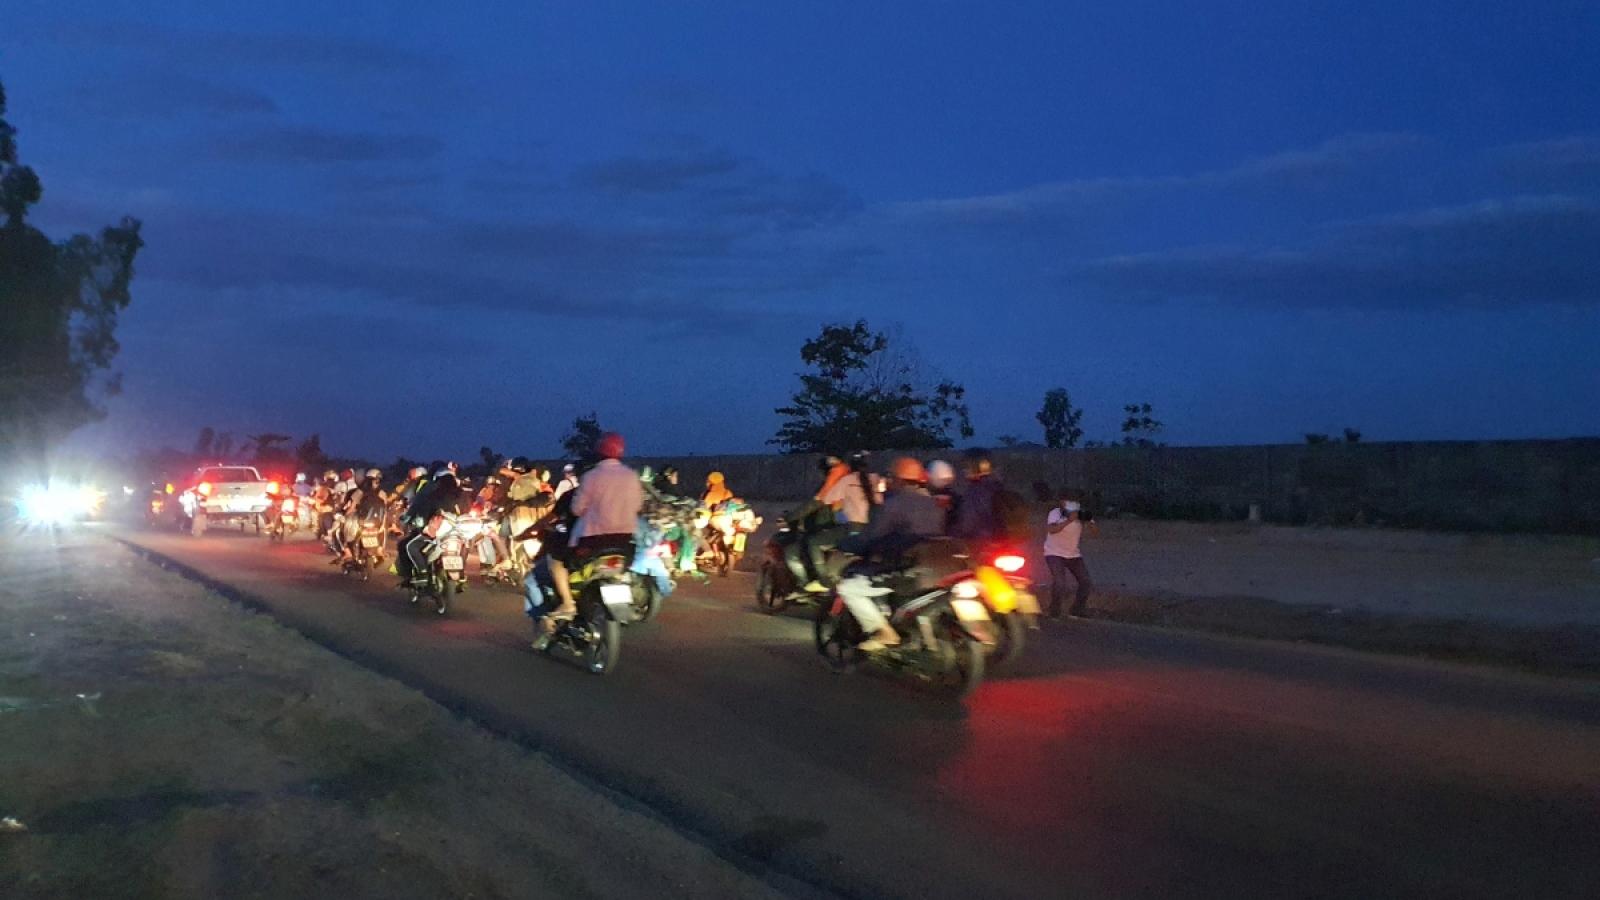 Hà Nội thực hiện rà soát người dân có nhu cầu về quê và quay trở lại Thành phố